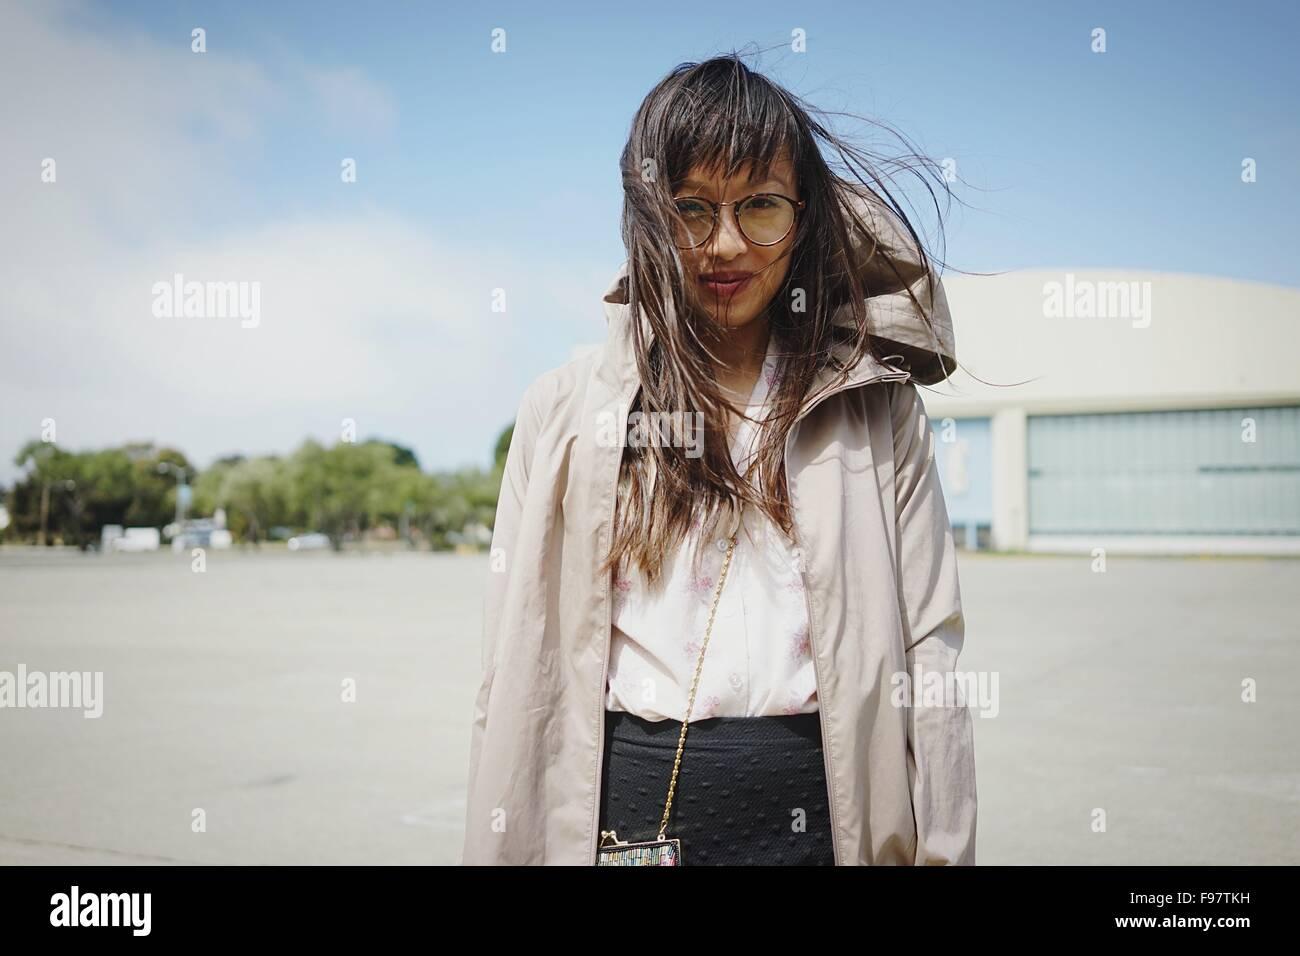 Retrato de mujer de pie por la construcción contra el cielo Imagen De Stock